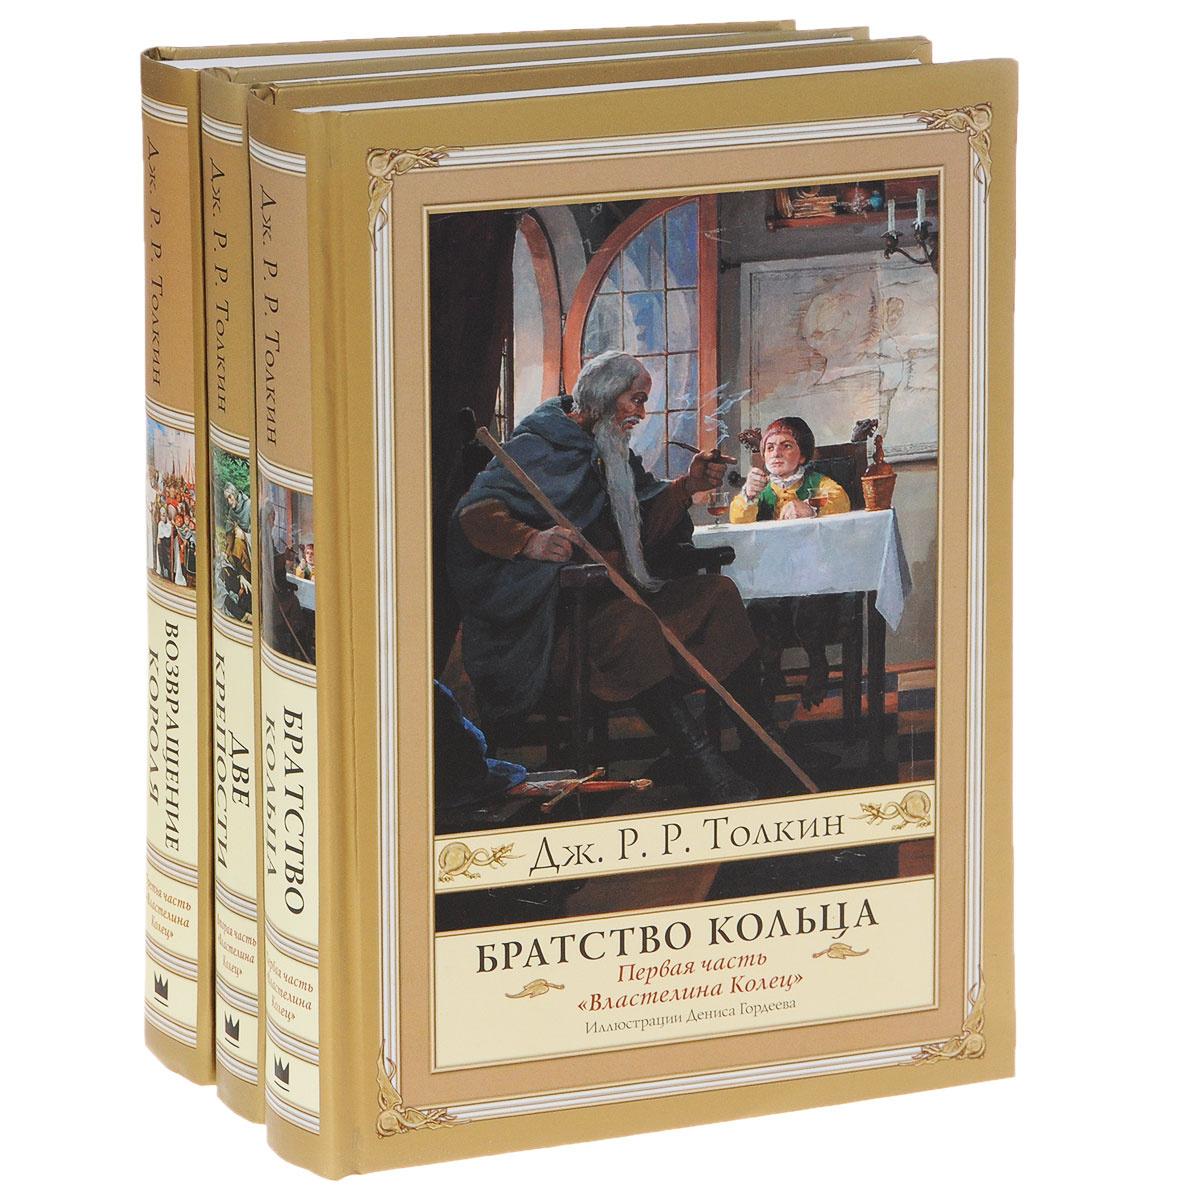 Властелин Колец (комплект из 3 книг) — купить в интернет ...